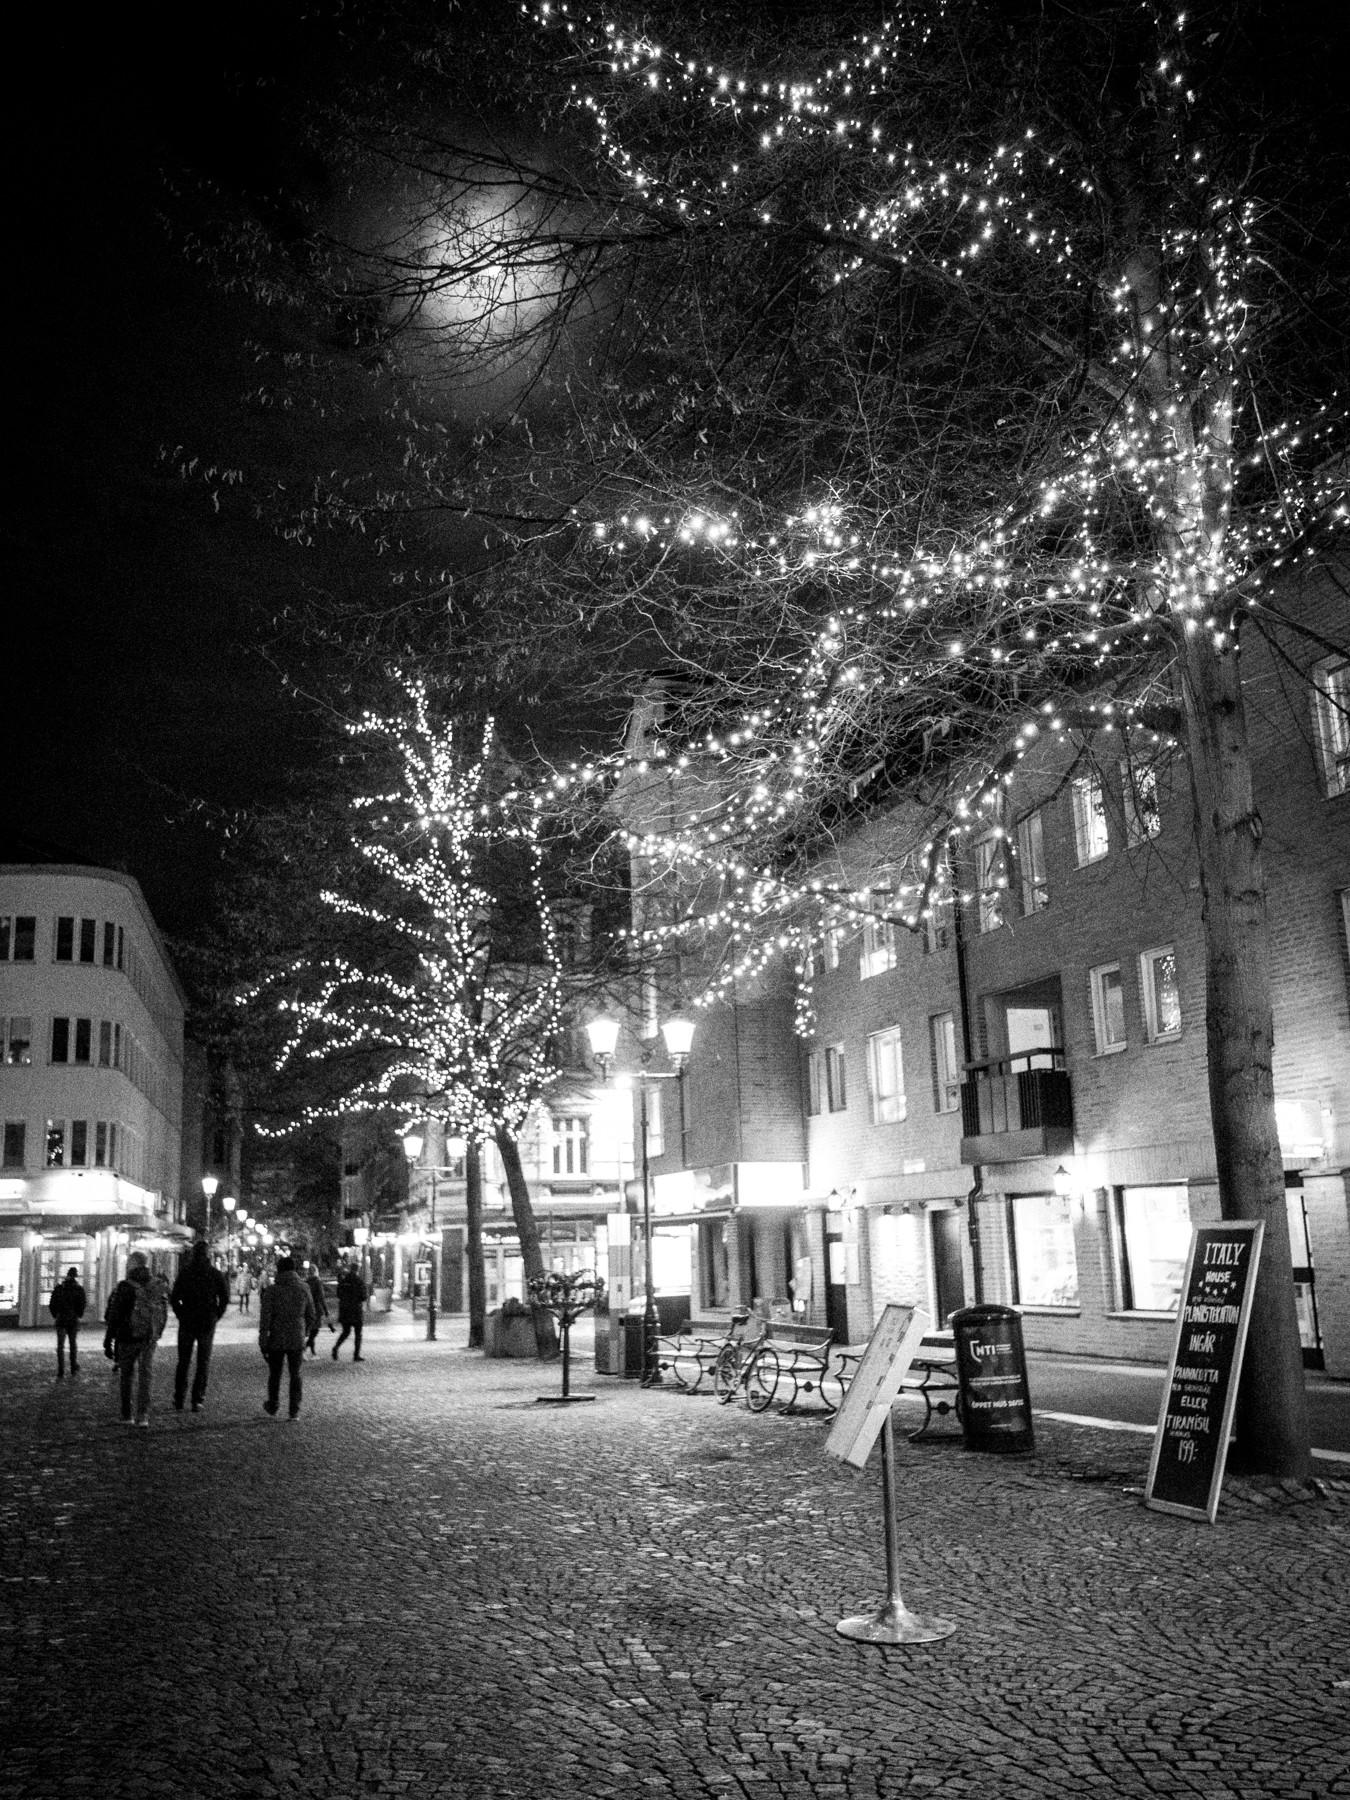 Downtown Helsingborg